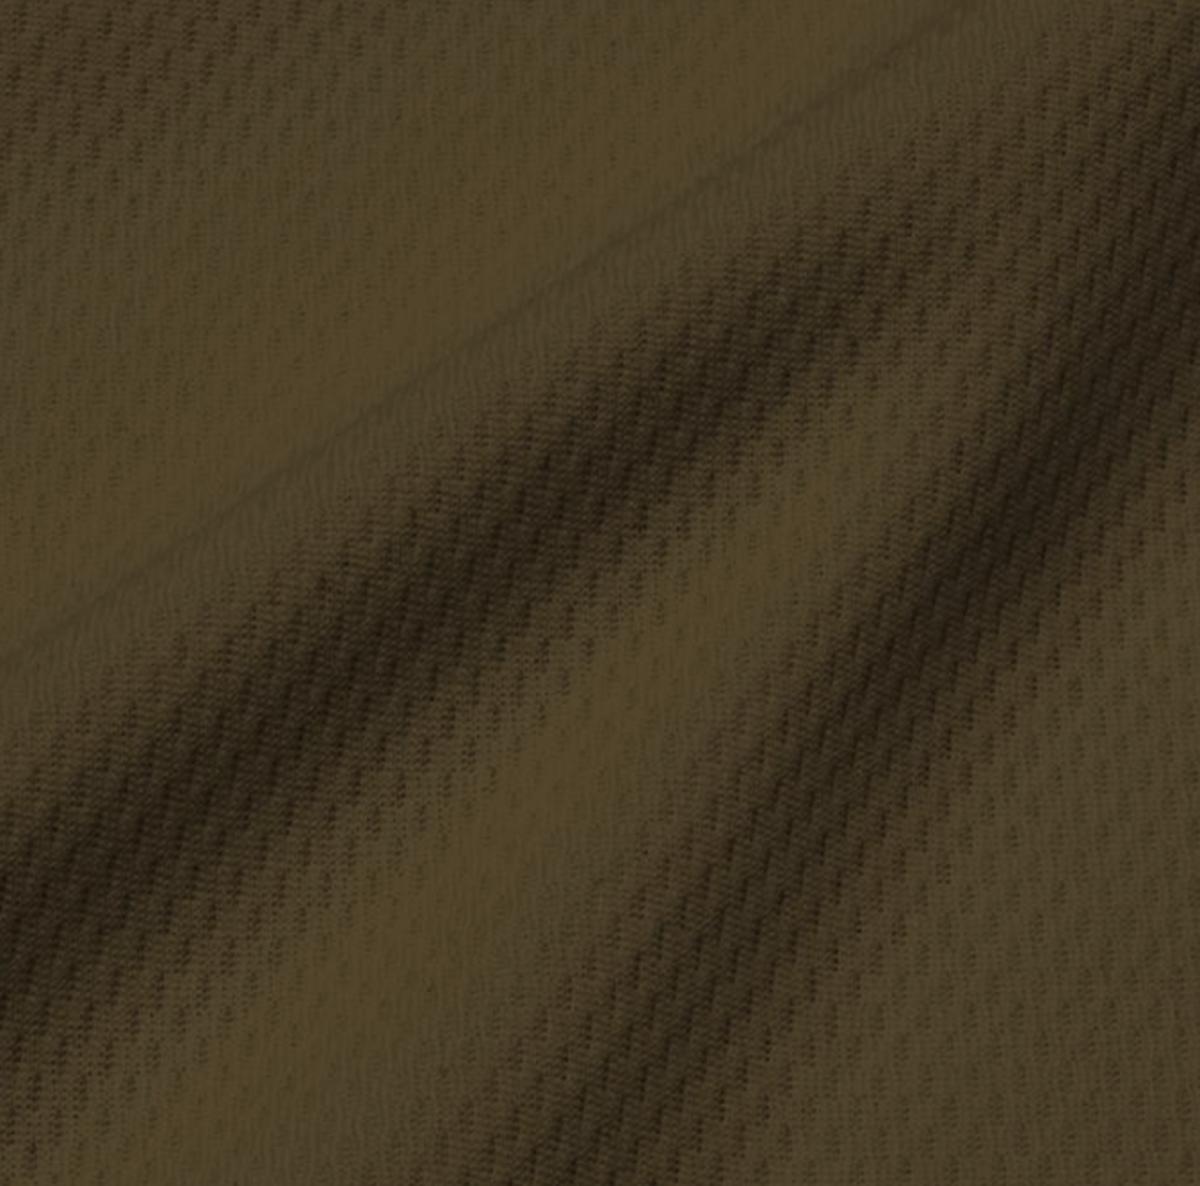 f:id:basssoku:20210117164229p:plain